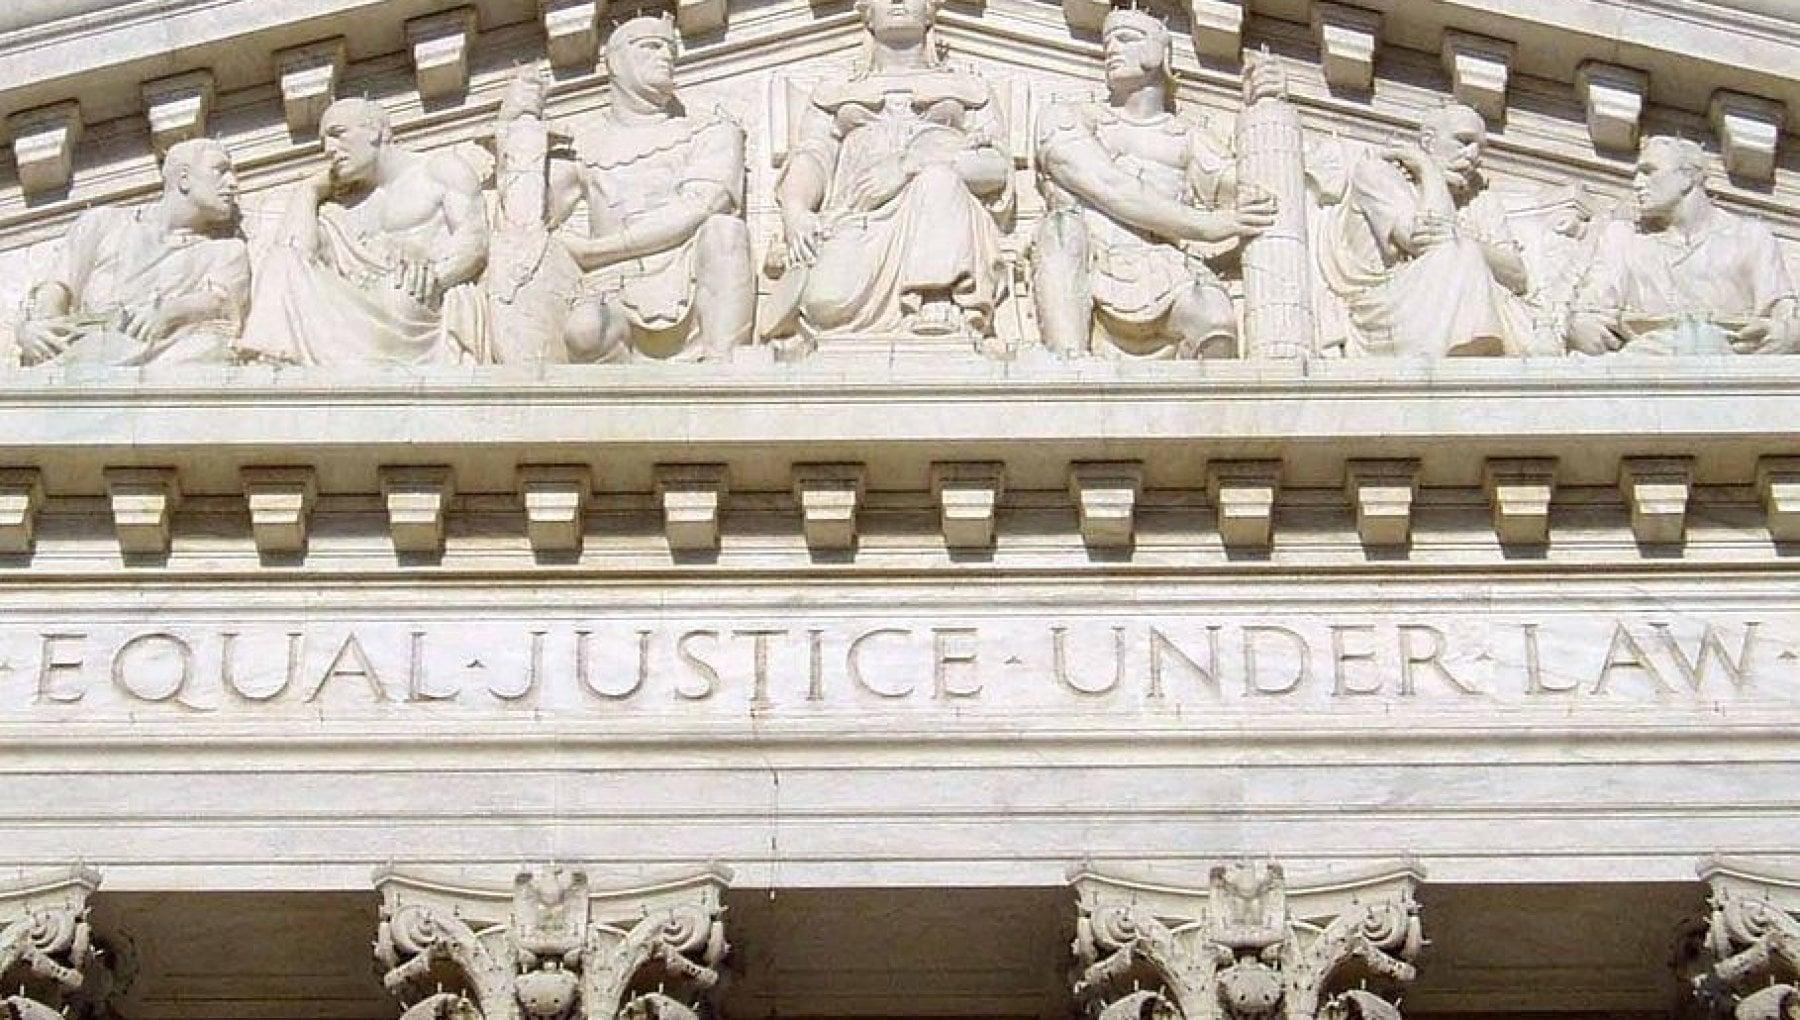 202354522 05417fa0 5e79 44a3 b3ea d32dda874abe - Stati Uniti, la Corte Suprema boccia i lockdown di New York contro le cerimonie religiose